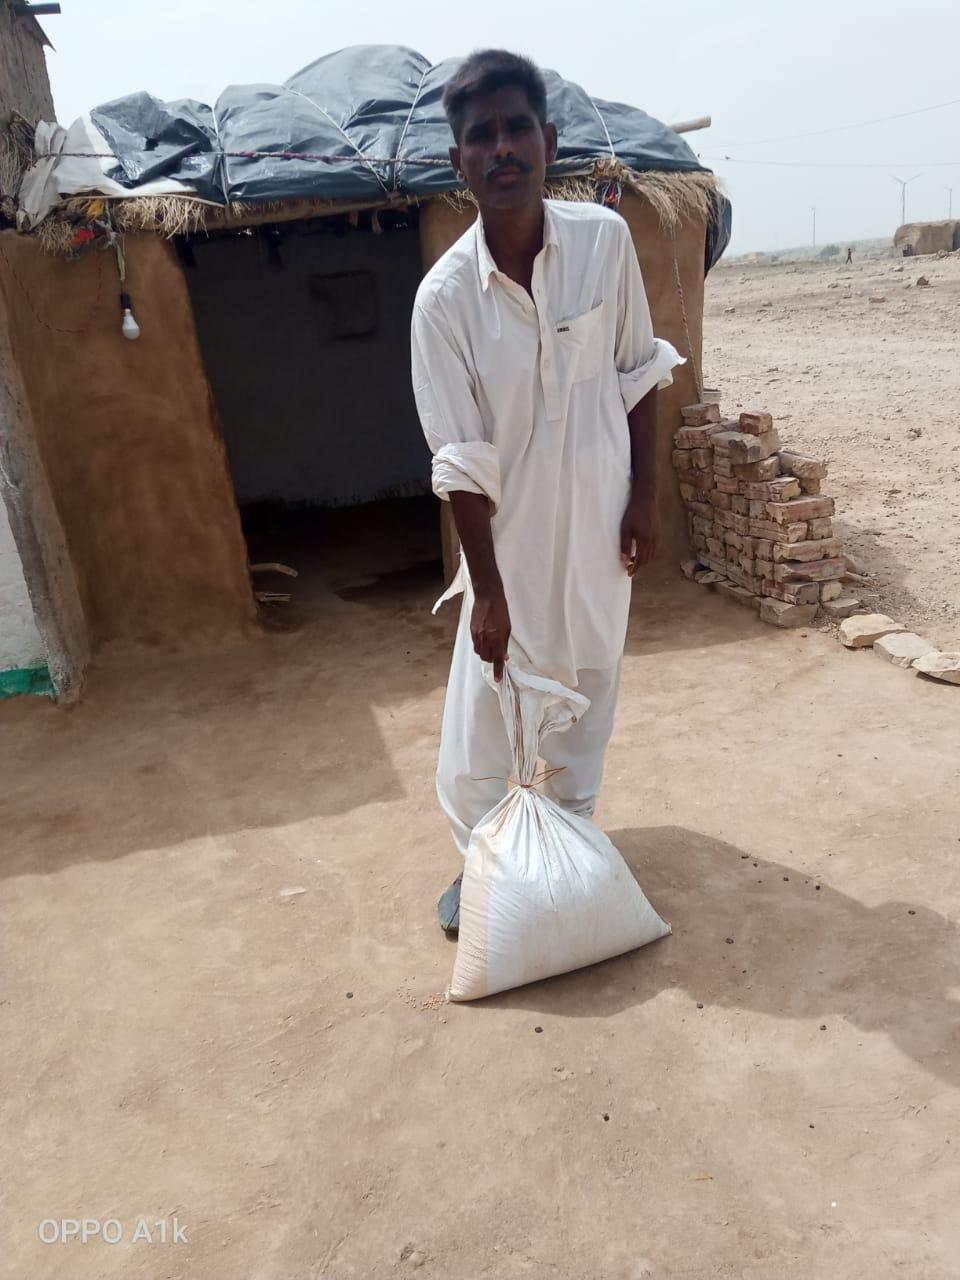 जरूरतमंद परिवारों को खाद्यान्न पैकेट्स वितरण